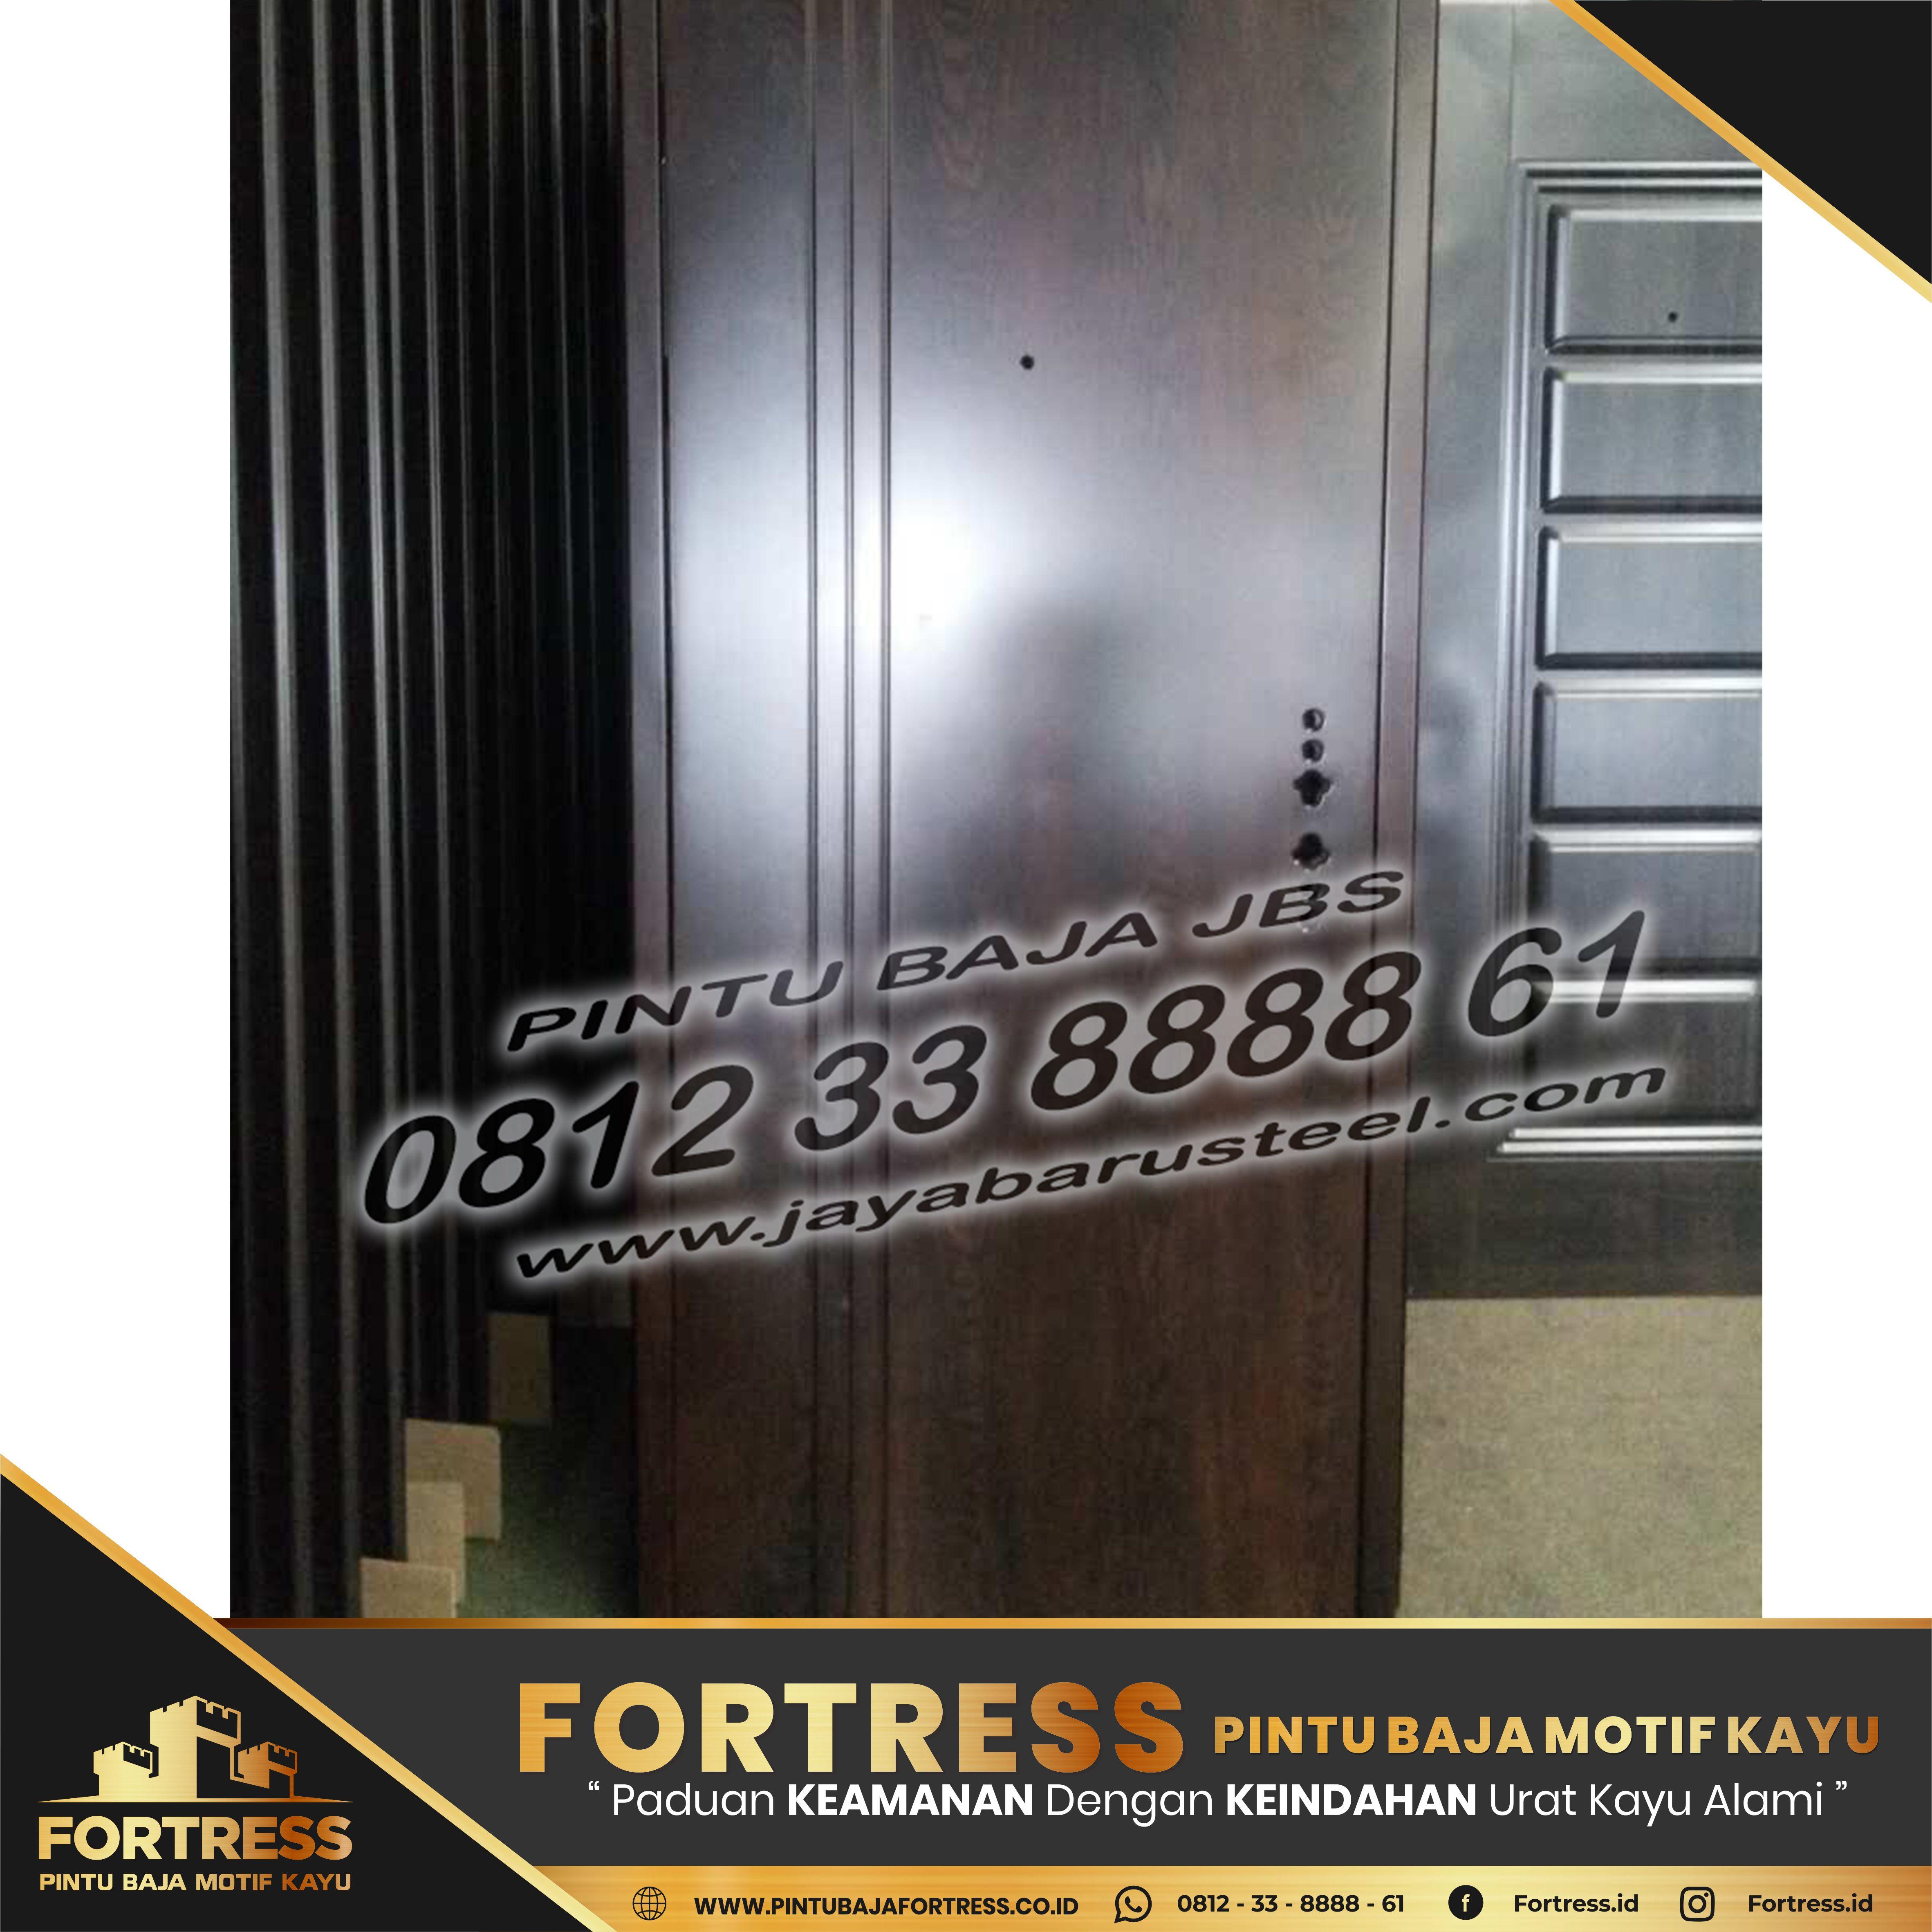 0812-91-6261-07 (JBS) Padang Steel Doors And Frames